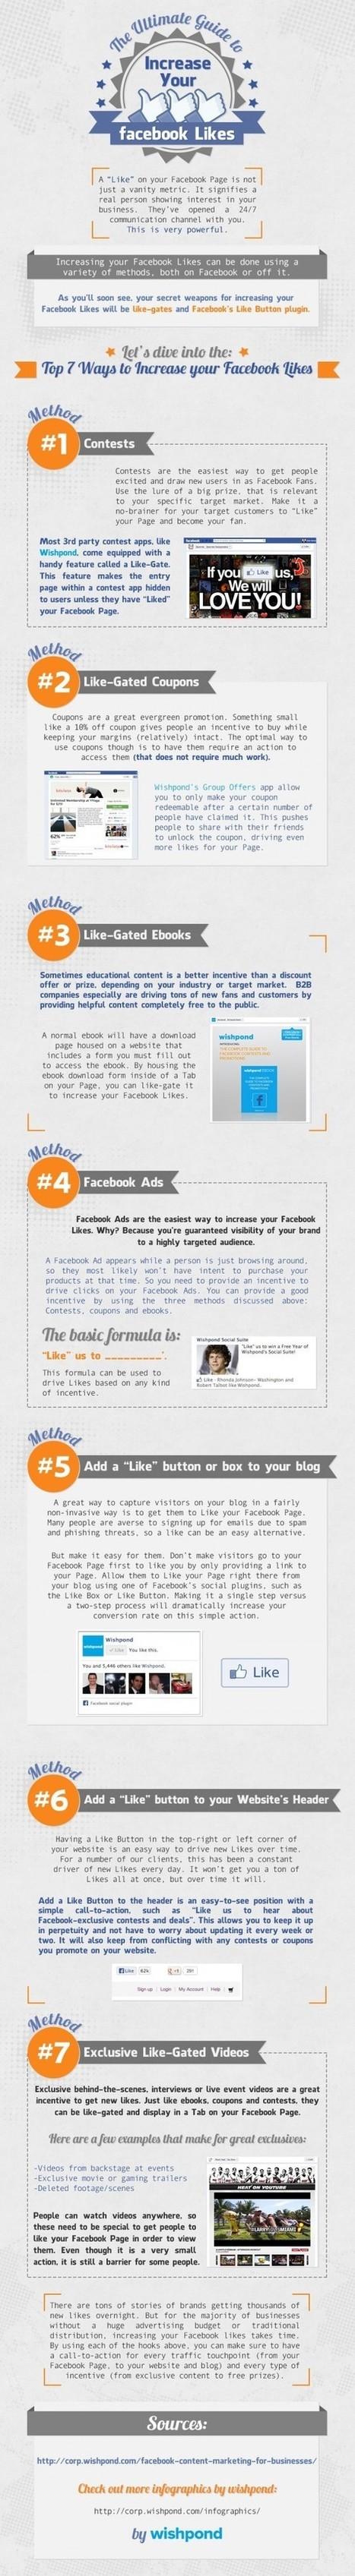 7 Façons d'Obtenir des J'aime pour votre Page Facebook - Emarketinglicious | Community Management [Facebook] | Scoop.it